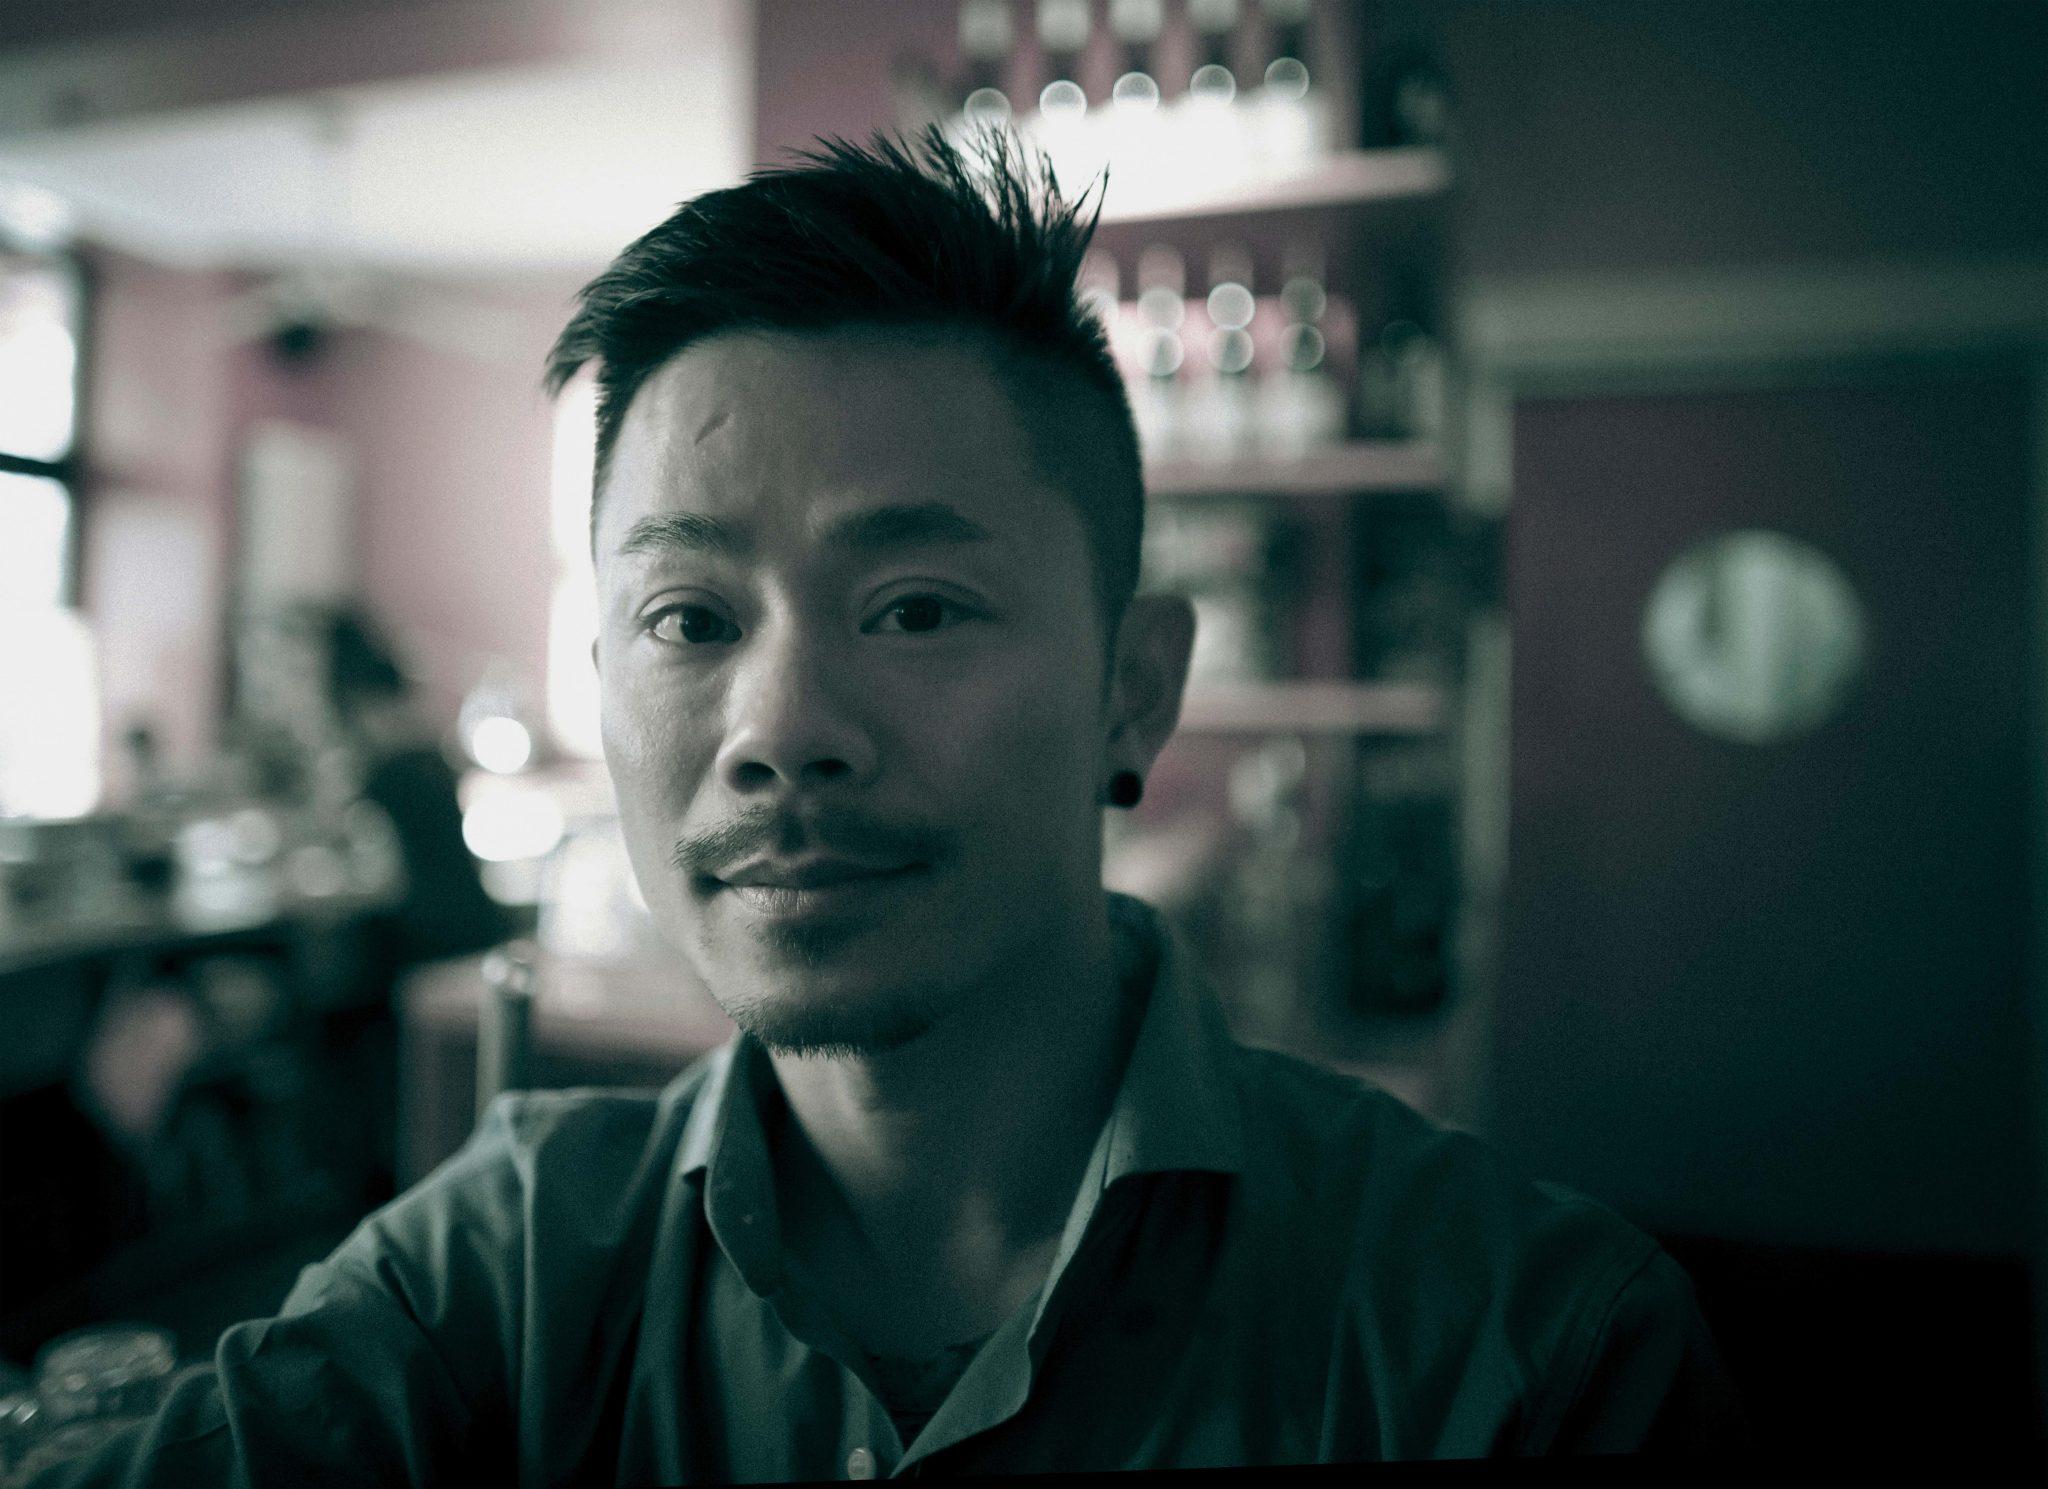 Kobe, A Young Visayan Man